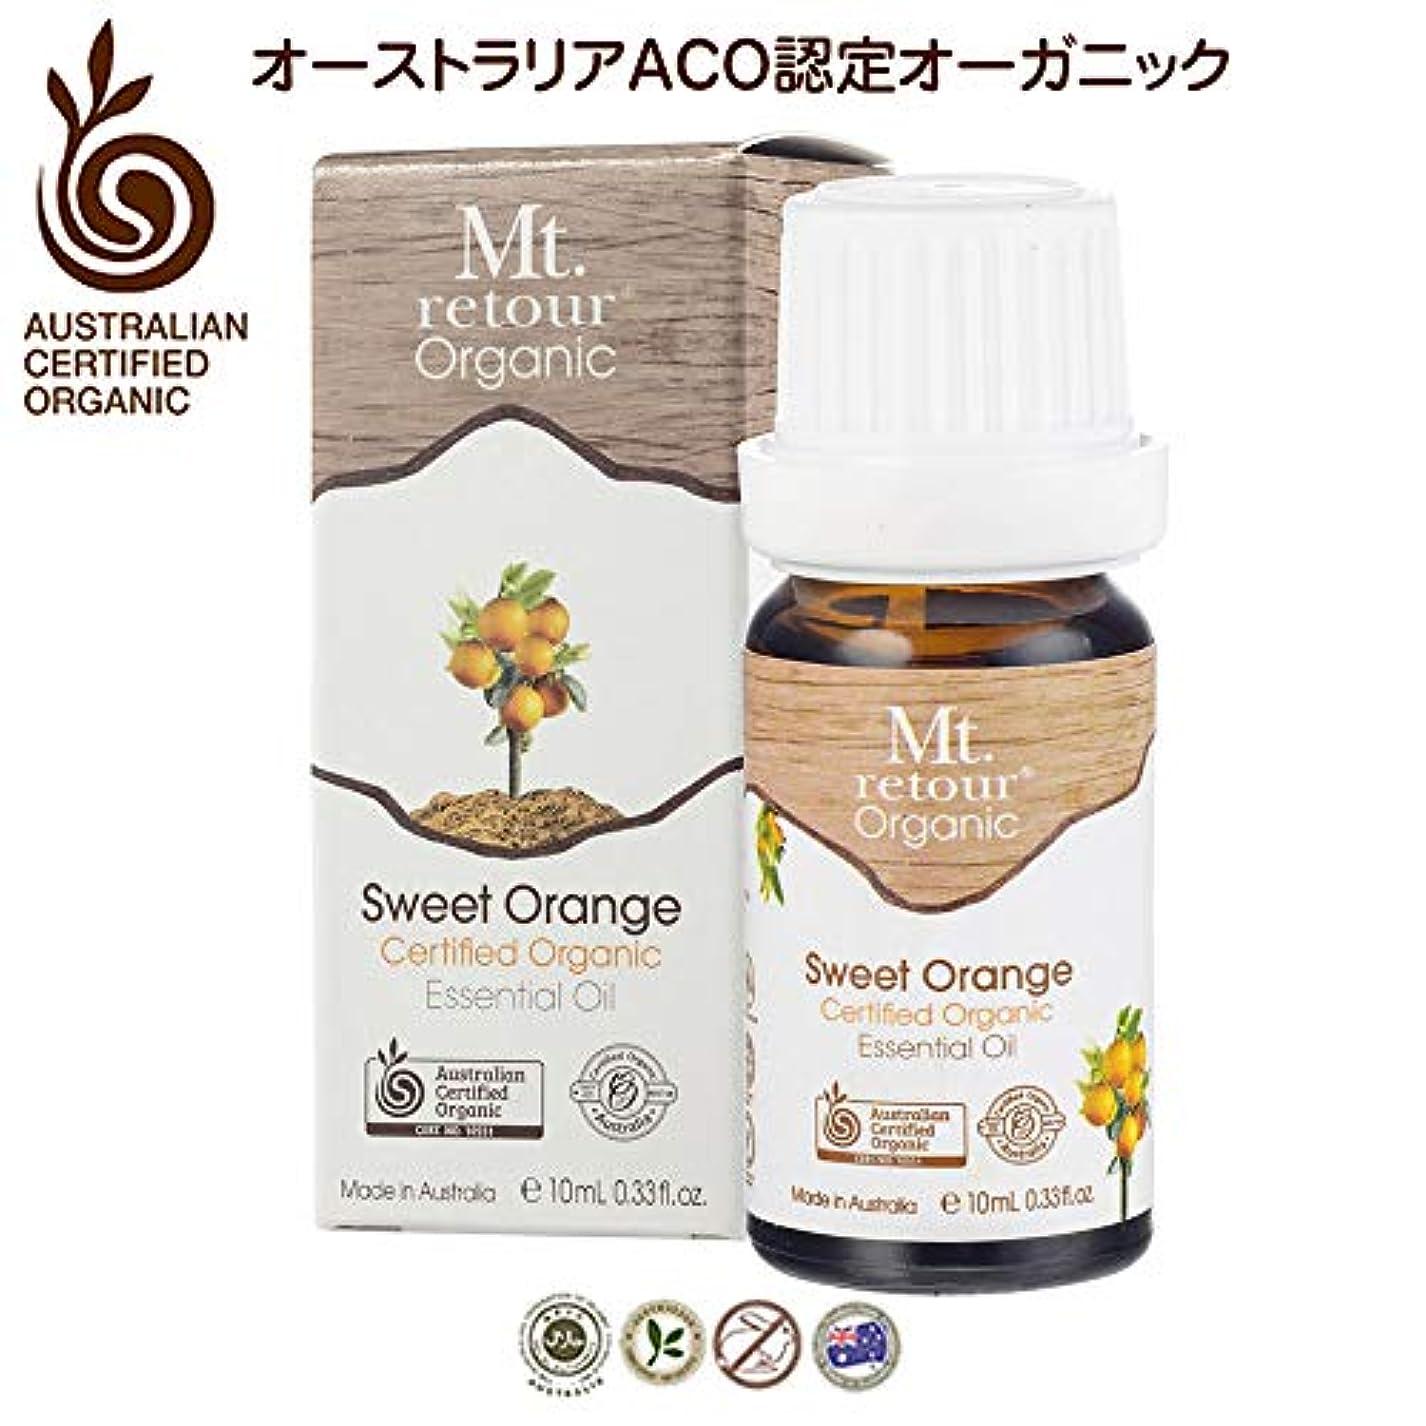 一節第二真似るMt. retour ACO認定オーガニック オレンジスイート 10ml エッセンシャルオイル(無農薬有機)アロマ